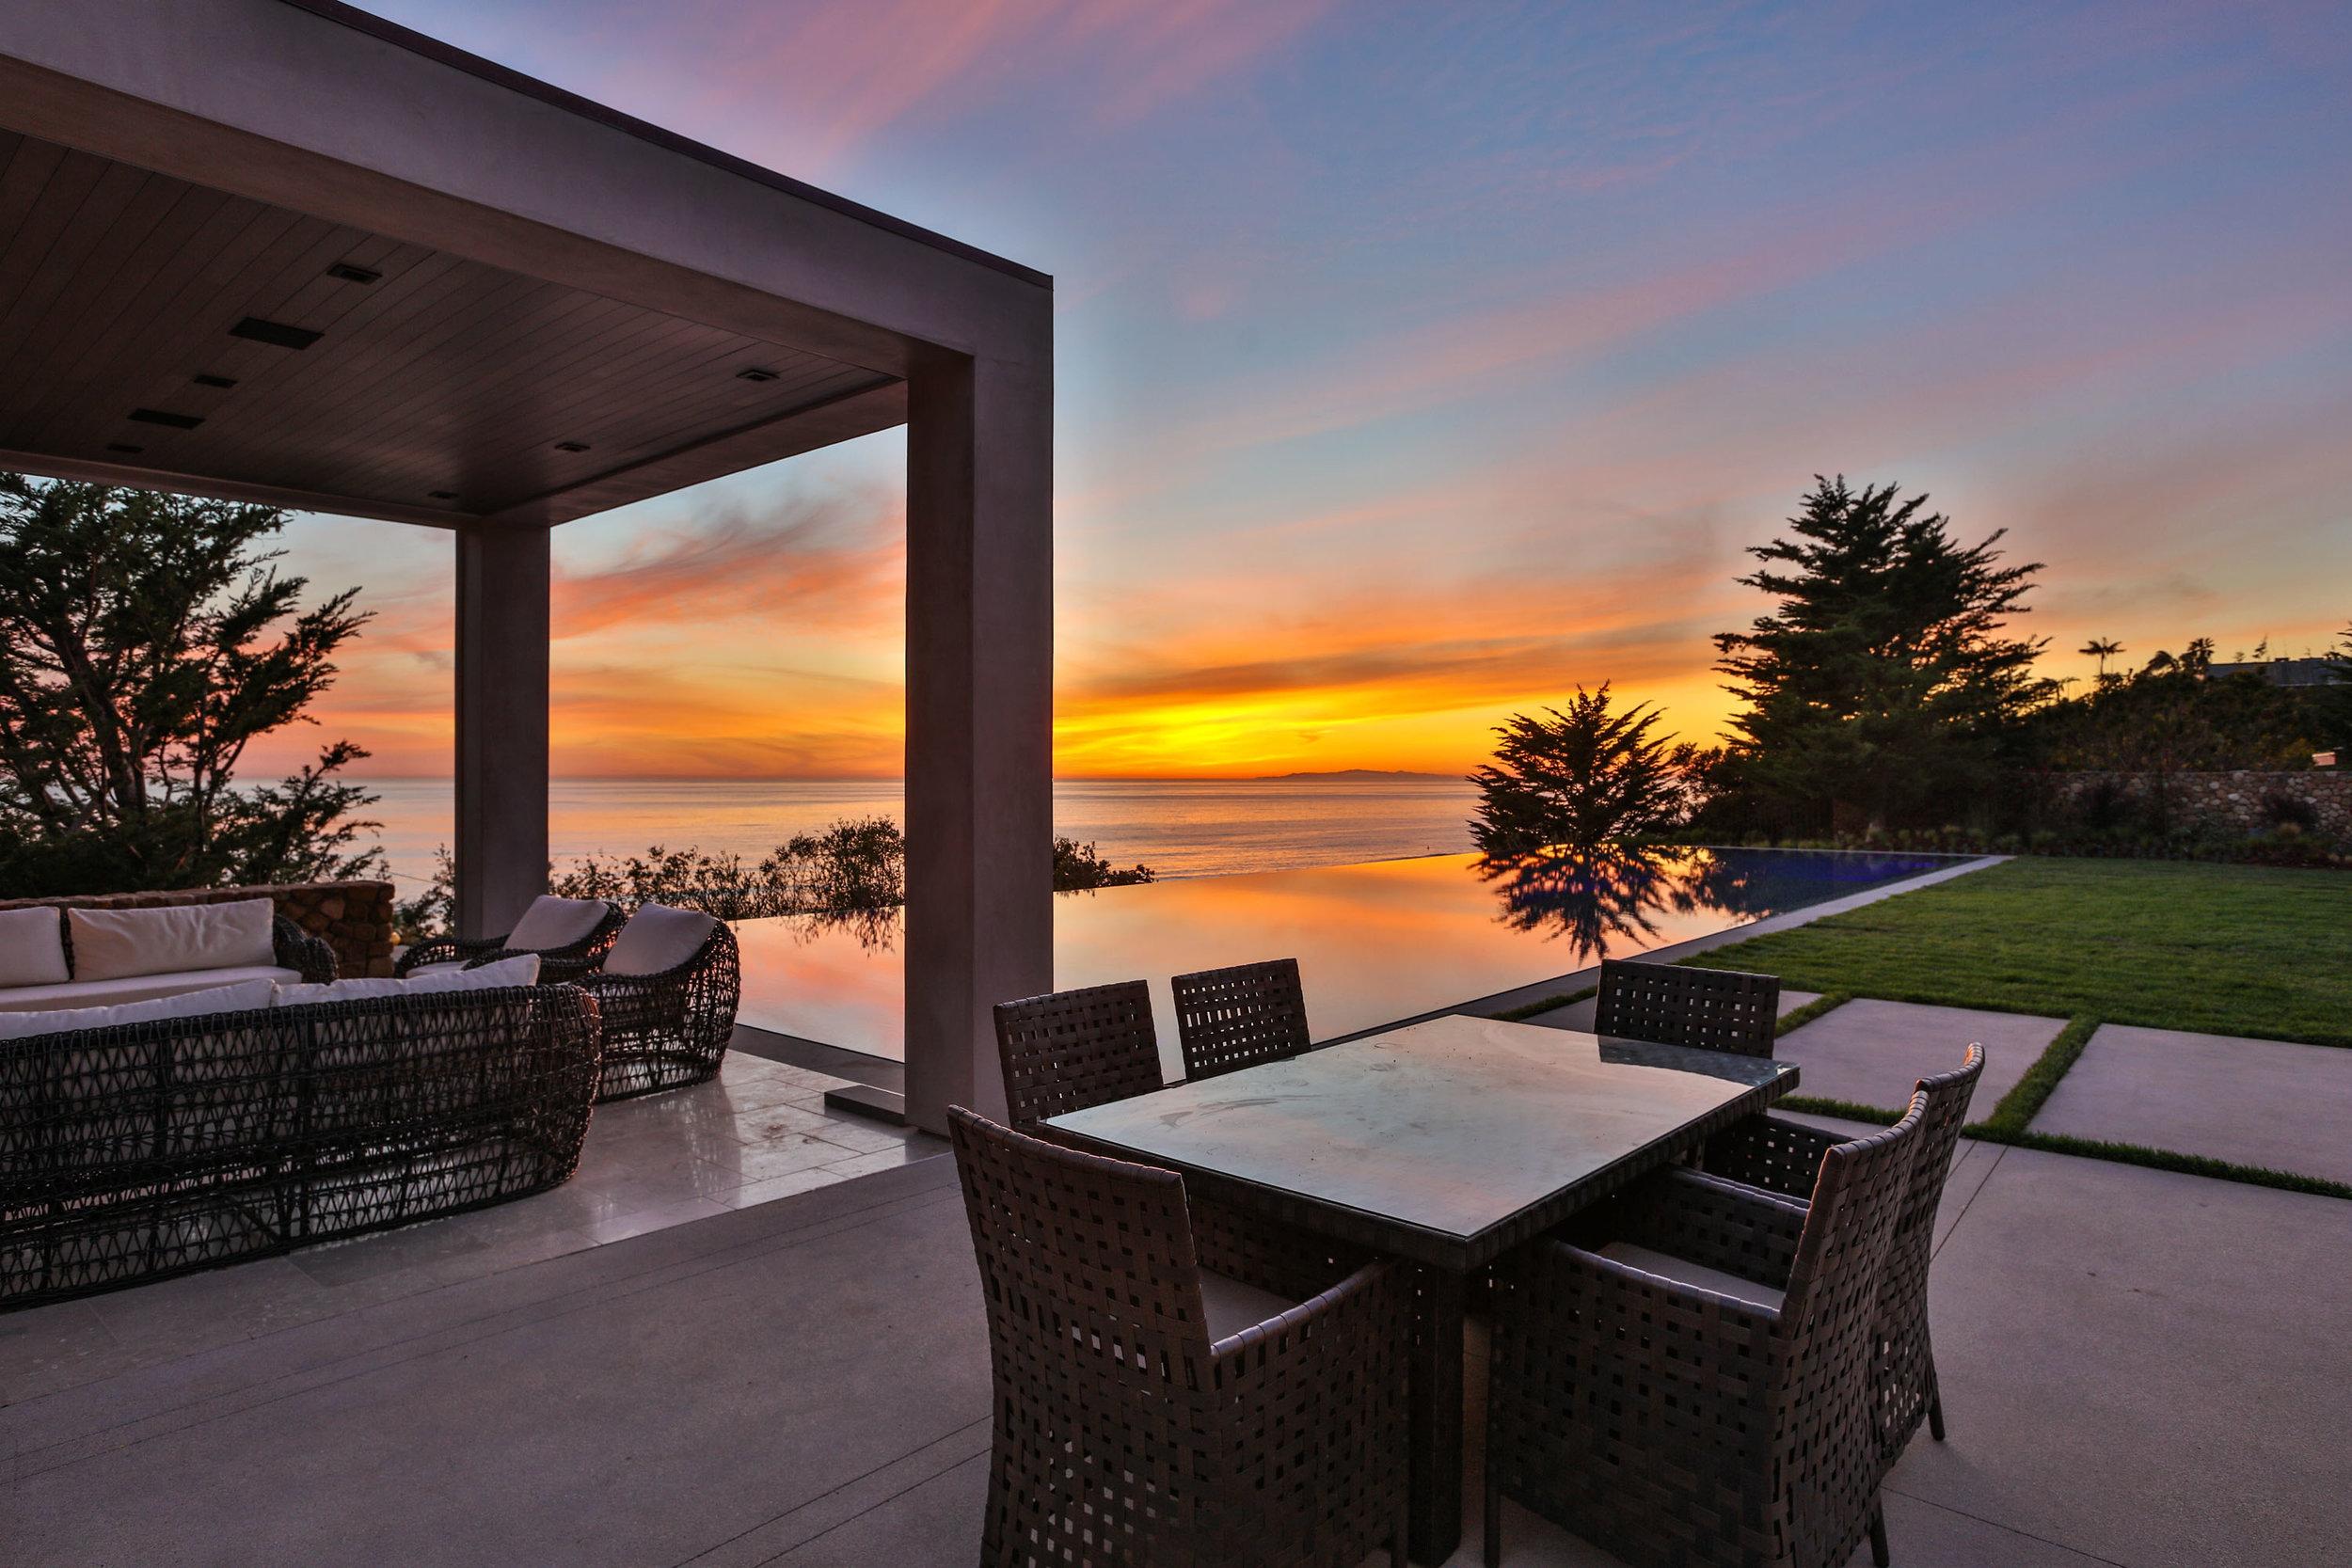 025 pool sunset 11902 Ellice Street Malibu For Sale The Malibu Life Team Luxury Real Estate.jpg